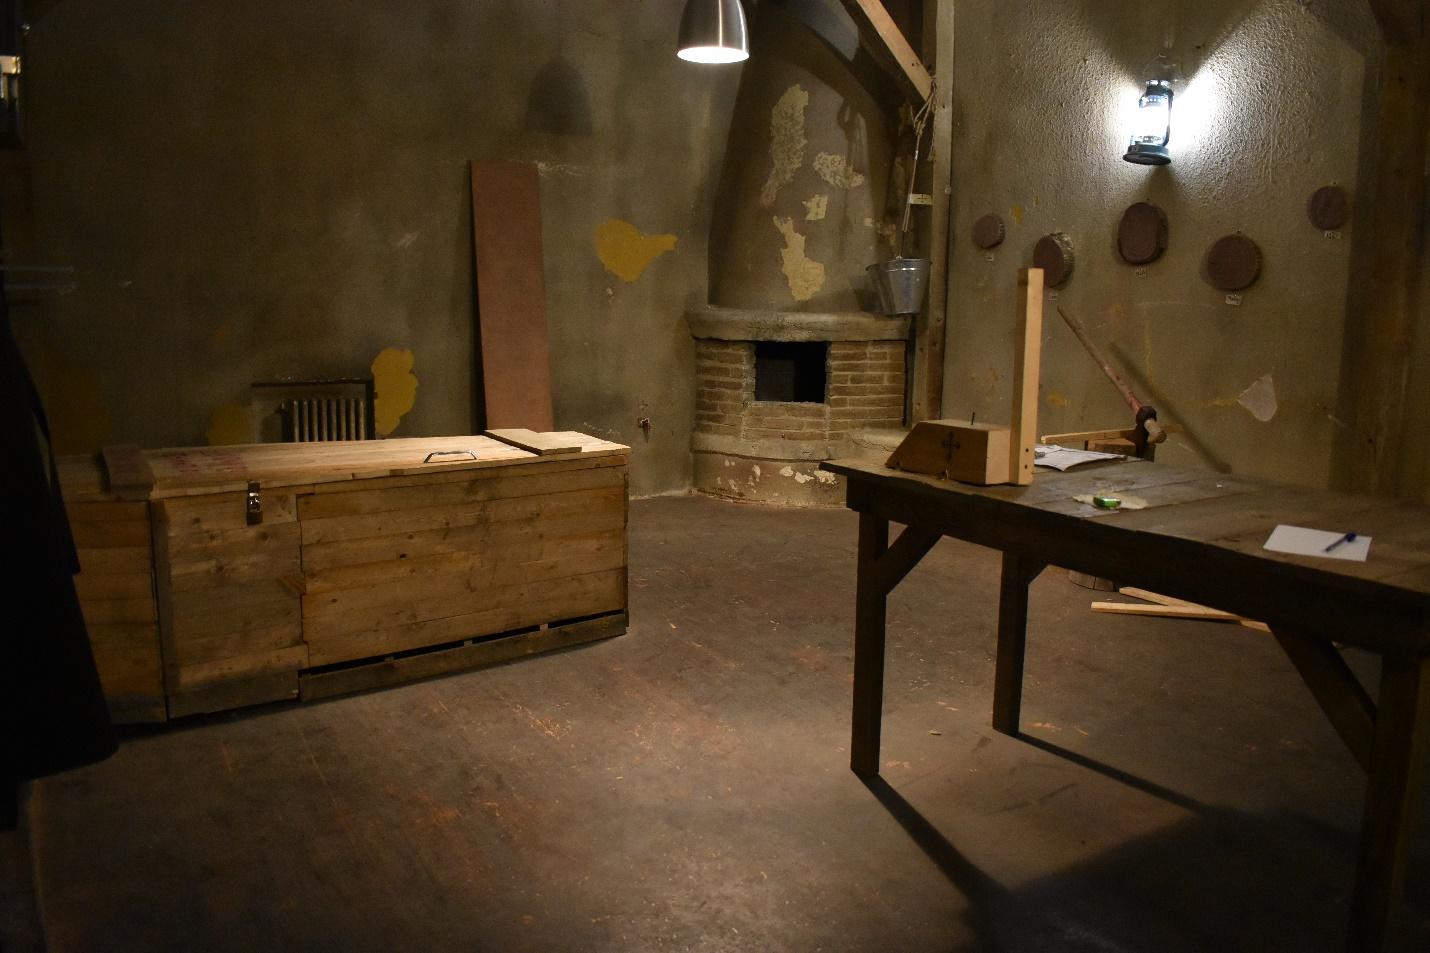 اتاق فرار: تفریحِ جذاب و متفاوت قرن ۲۱ام